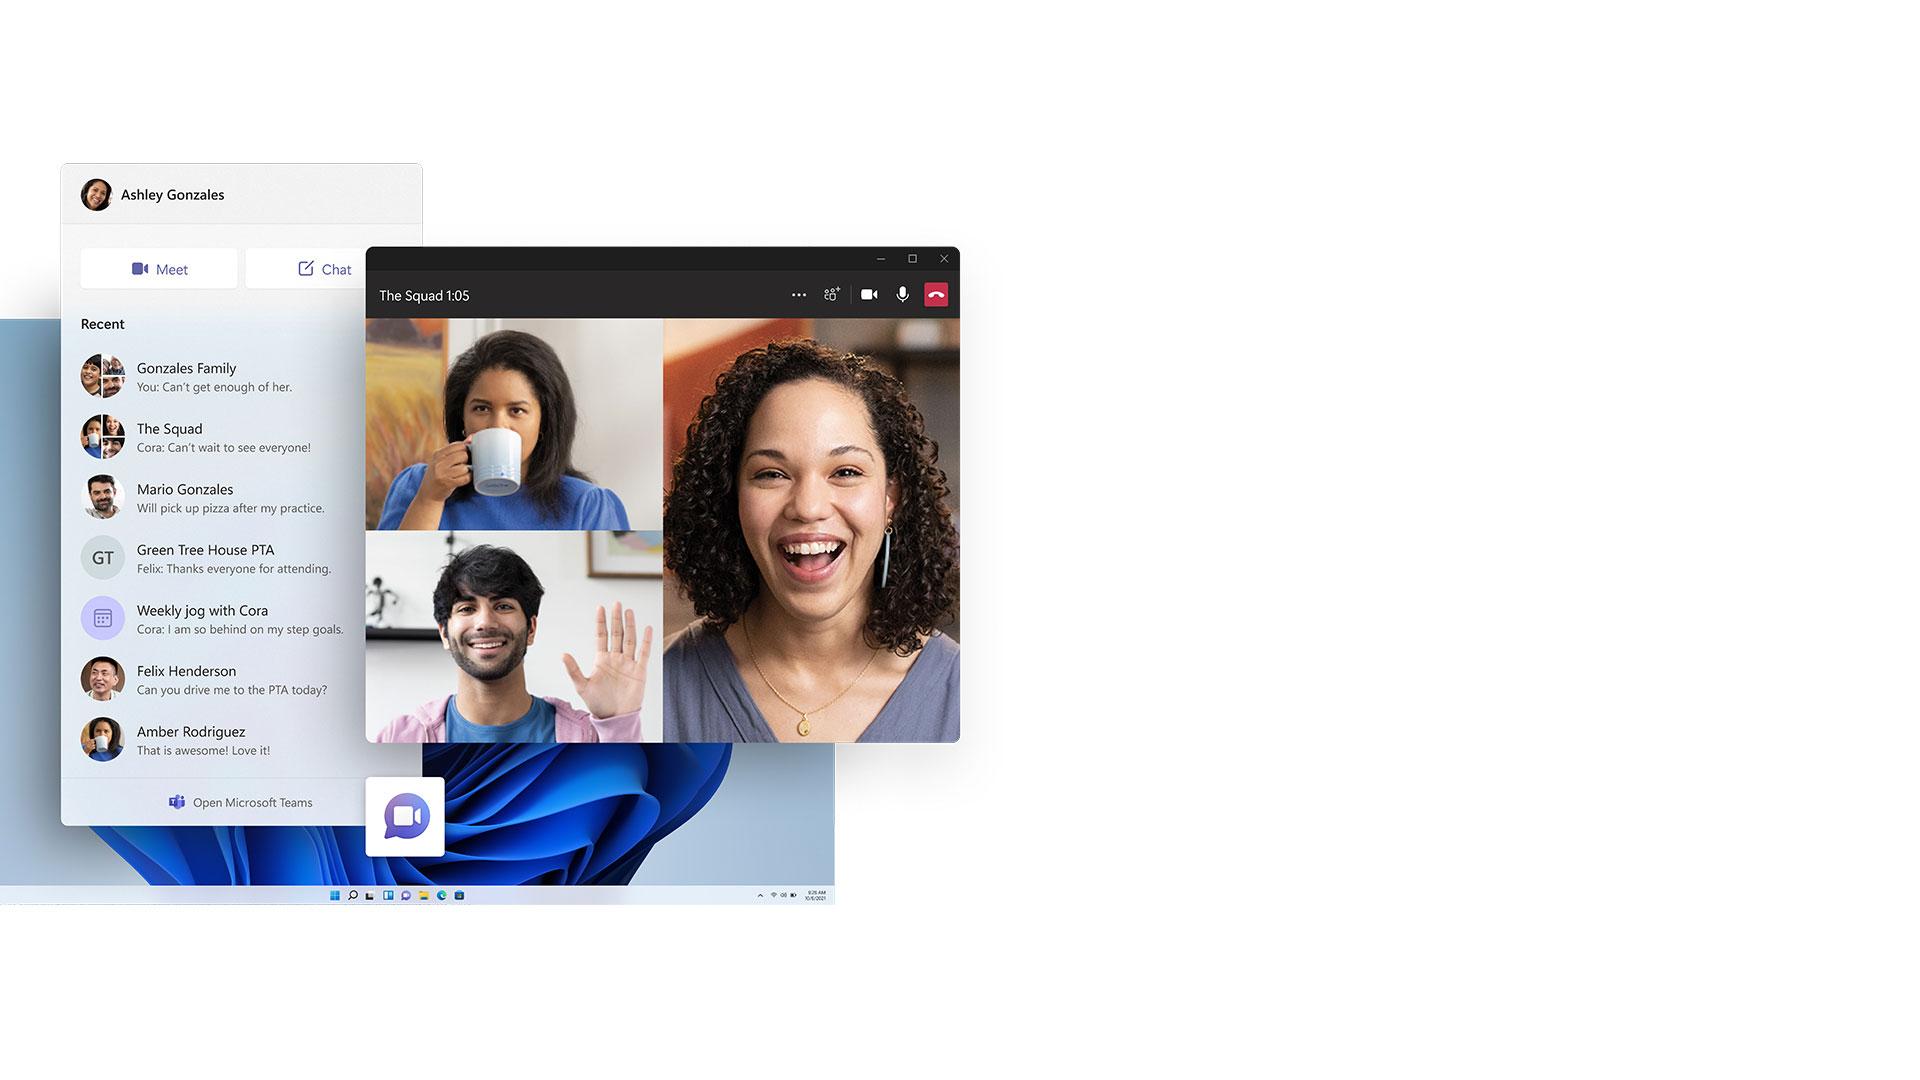 Οθόνη των Windows 11 με την εφαρμογή Microsoft Teams και το εικονίδιο της γραμμής εργασιών